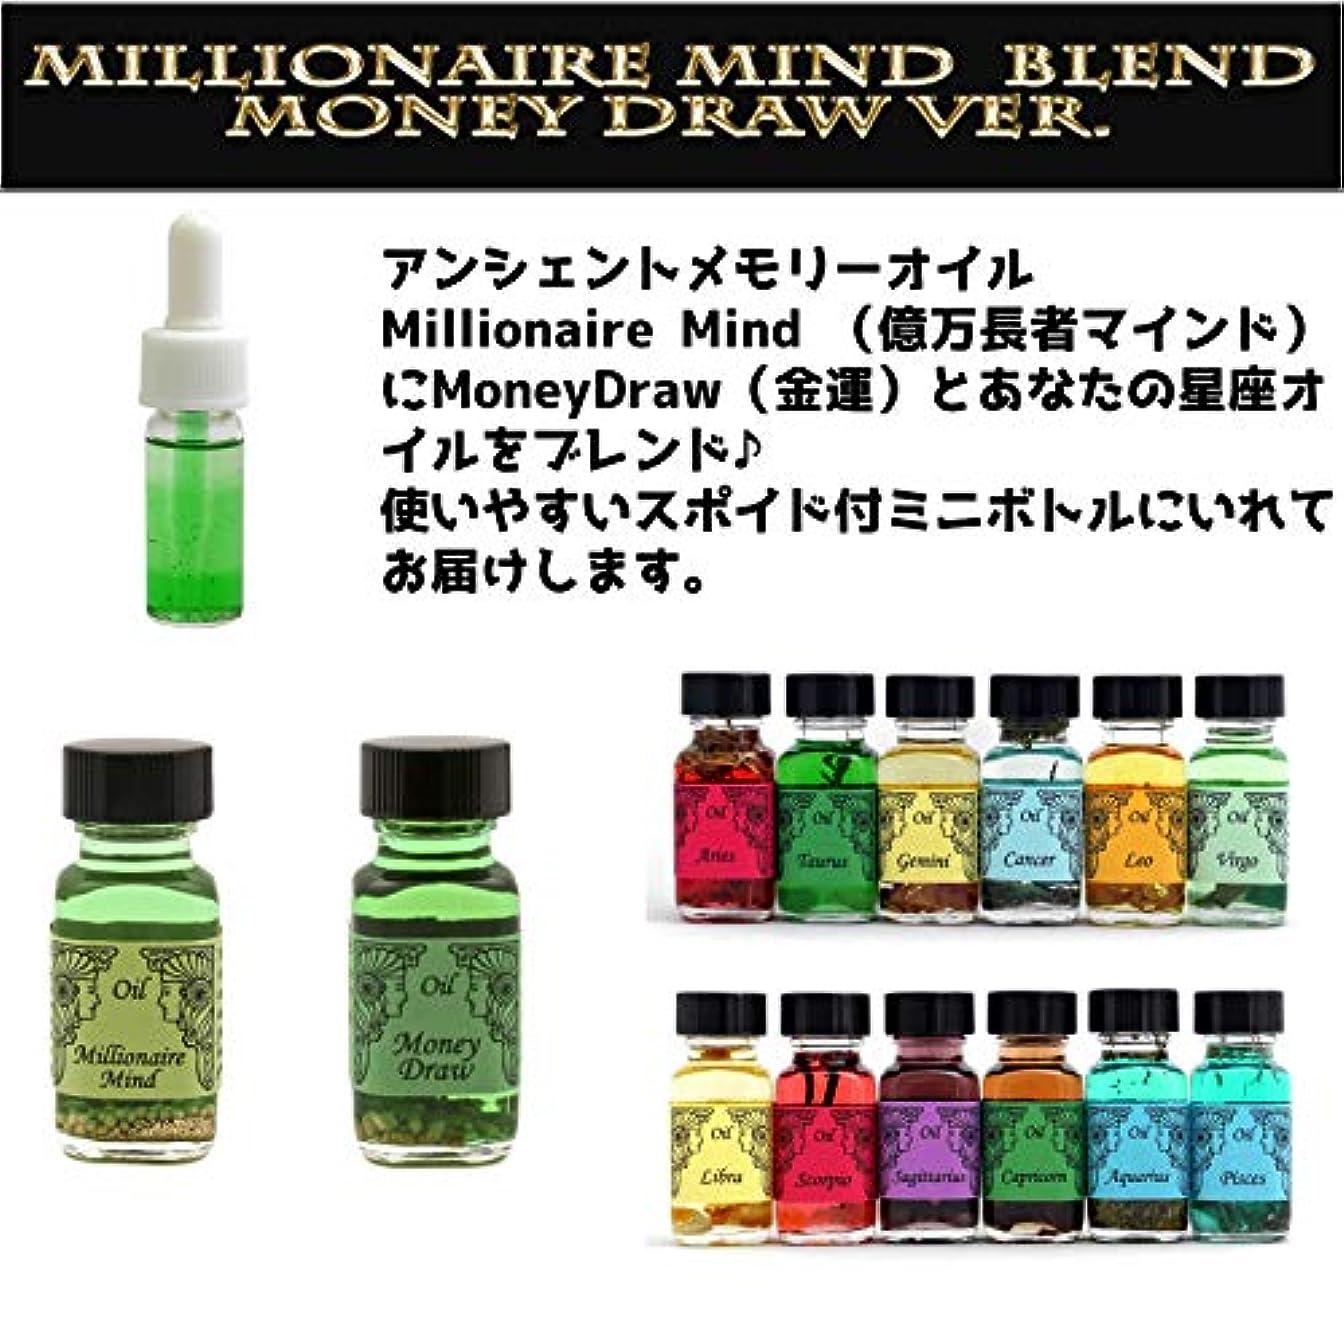 反抗次手順アンシェントメモリーオイル Millionaire Mind 億万長者マインド ブレンド(Money Drawマネードロー(金運)&ふたご座